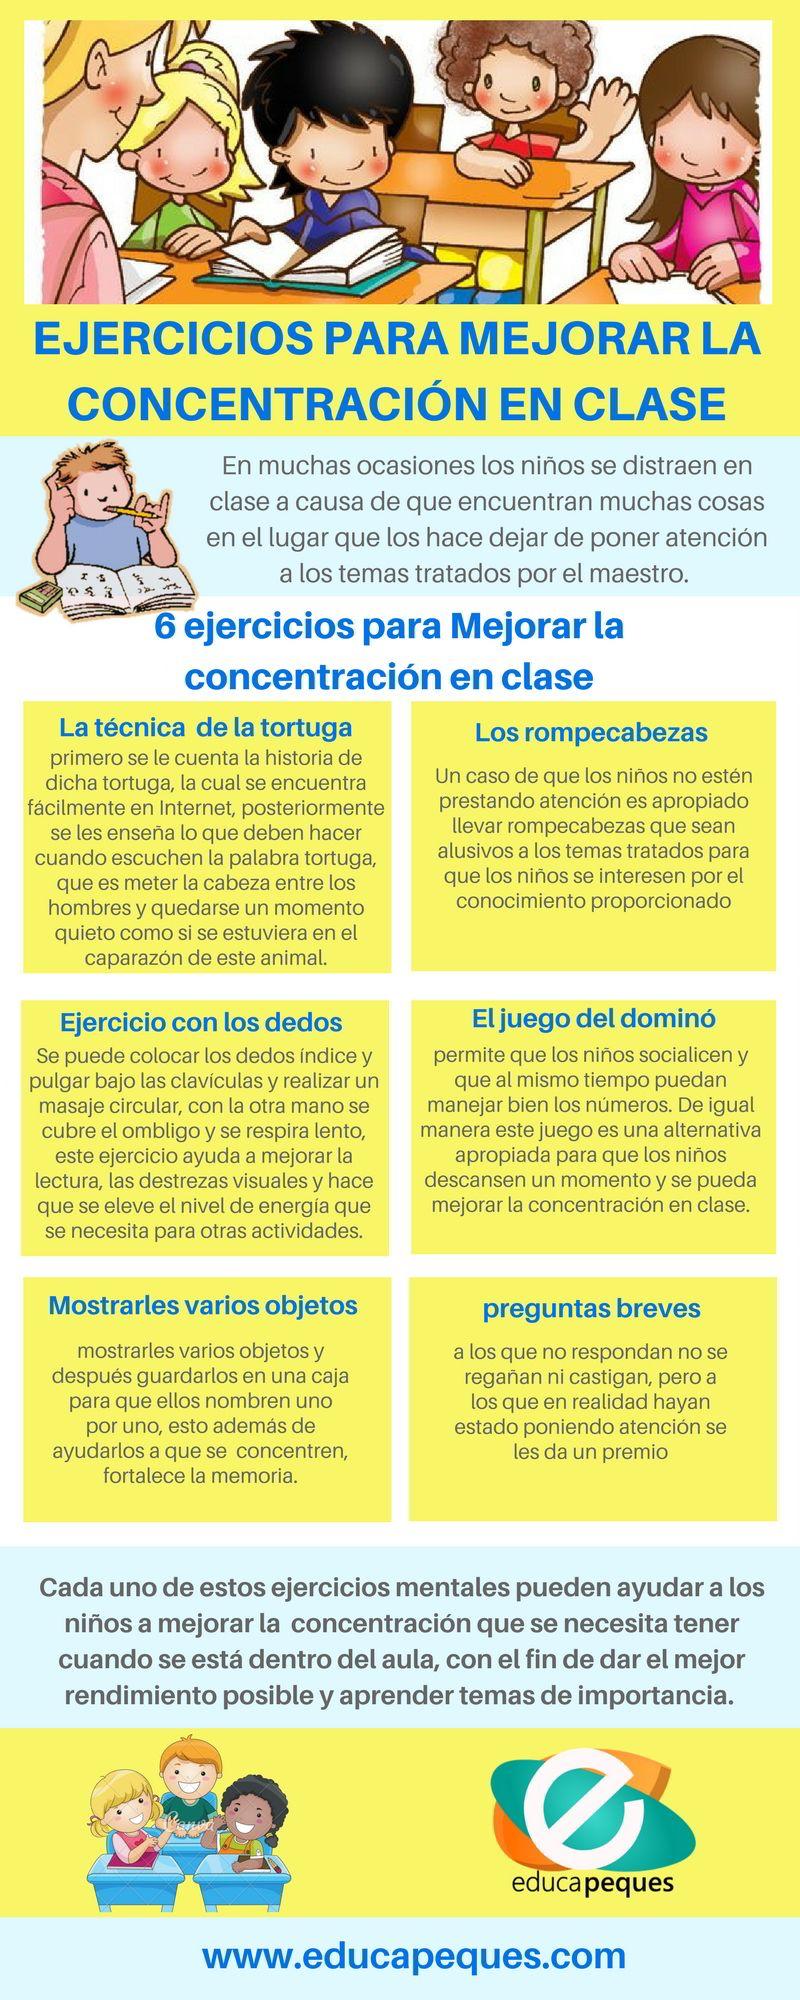 Pe ejercicios para mejorar la concentraci n lesbos - Mejorar concentracion estudio ...